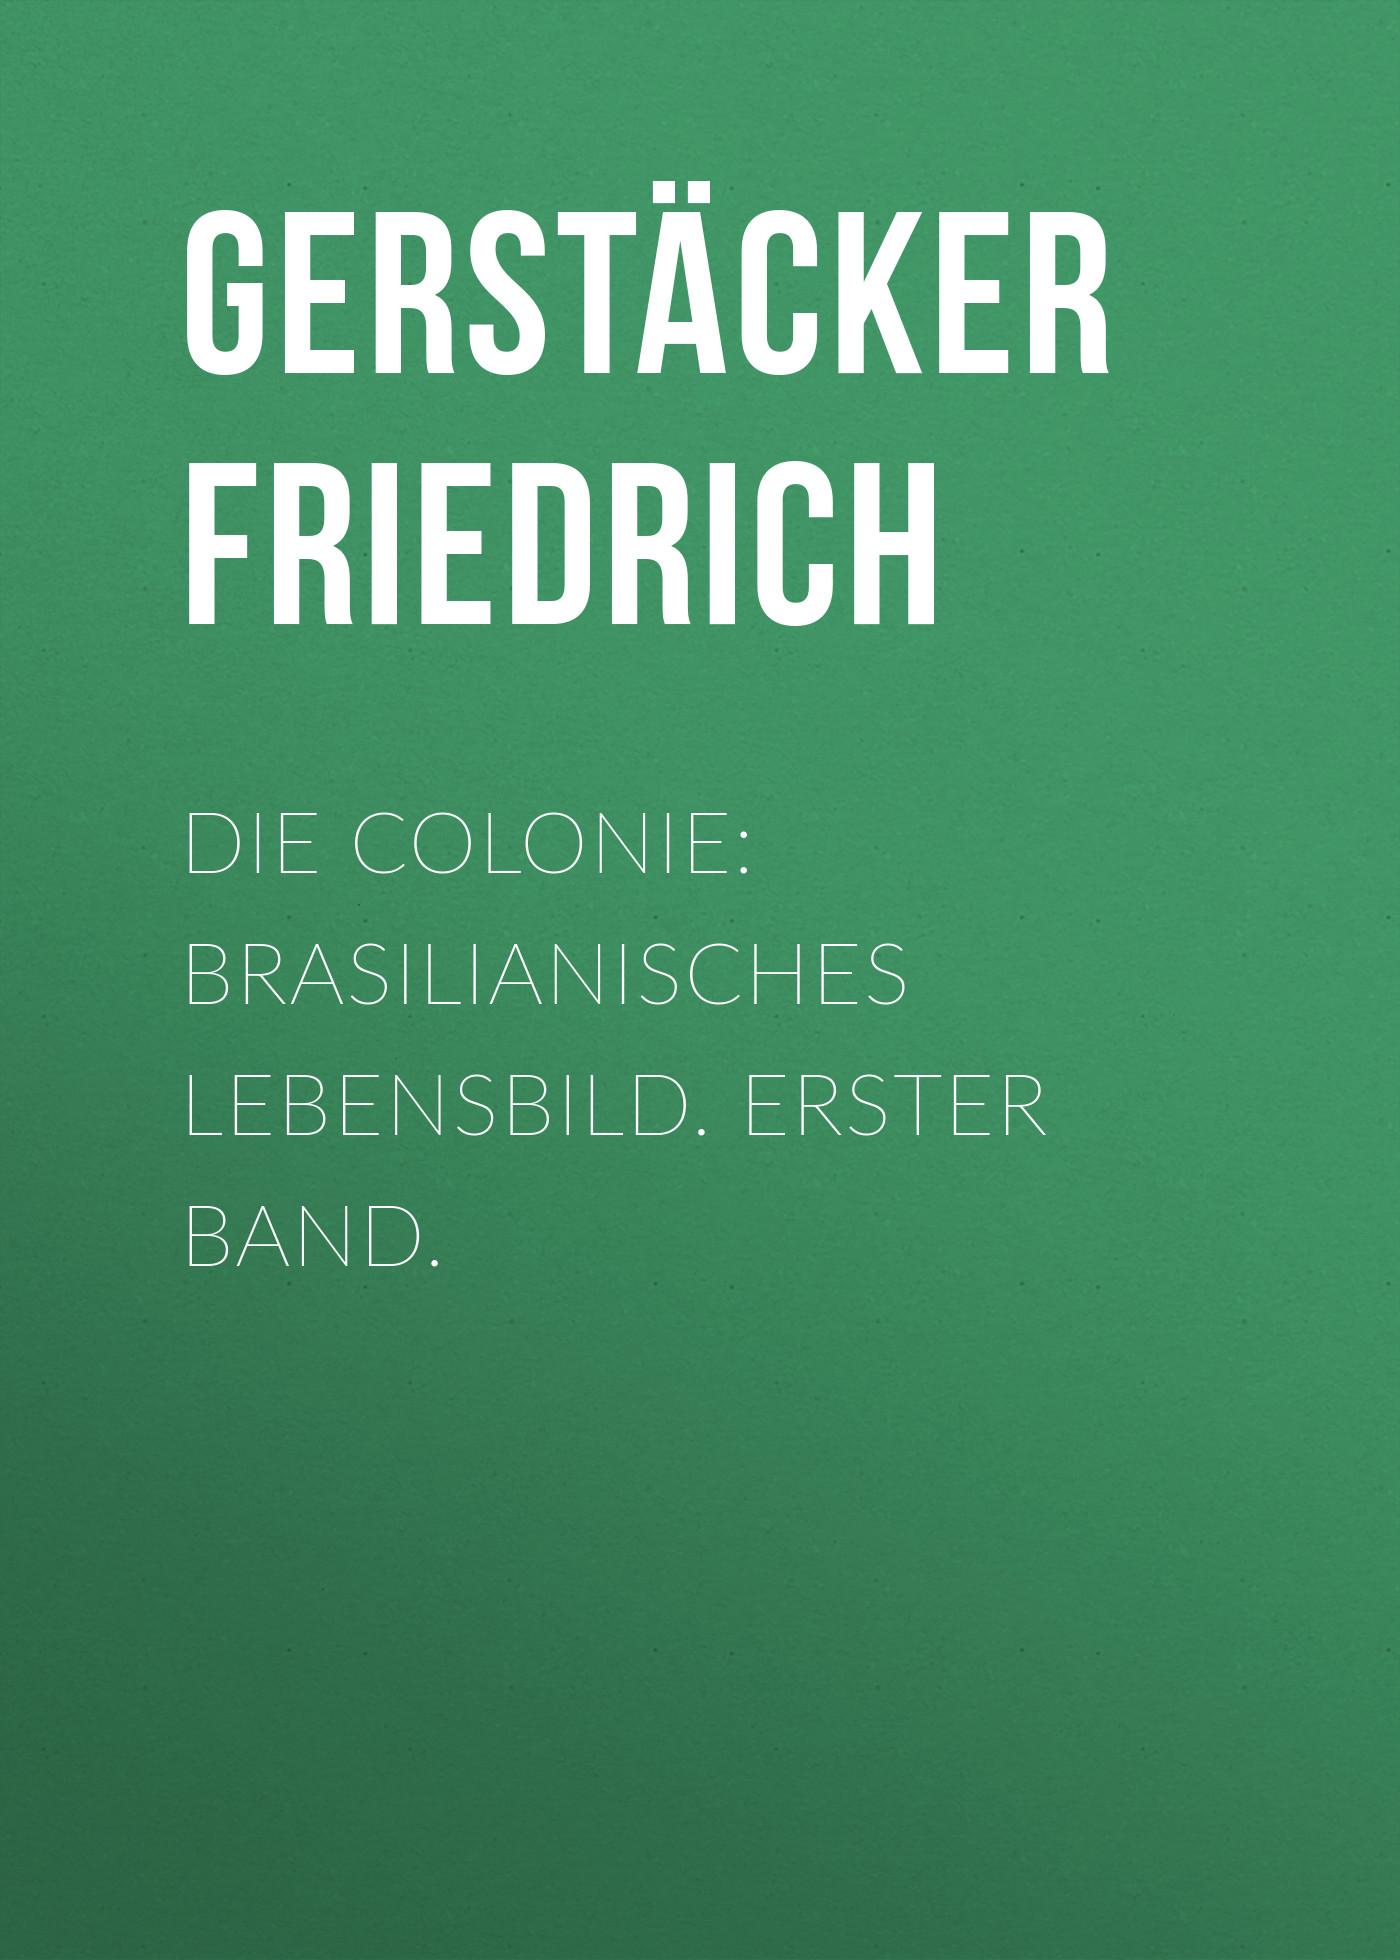 Gerstäcker Friedrich Die Colonie: Brasilianisches Lebensbild. Erster Band. вытяжка cata ceres 600 negra